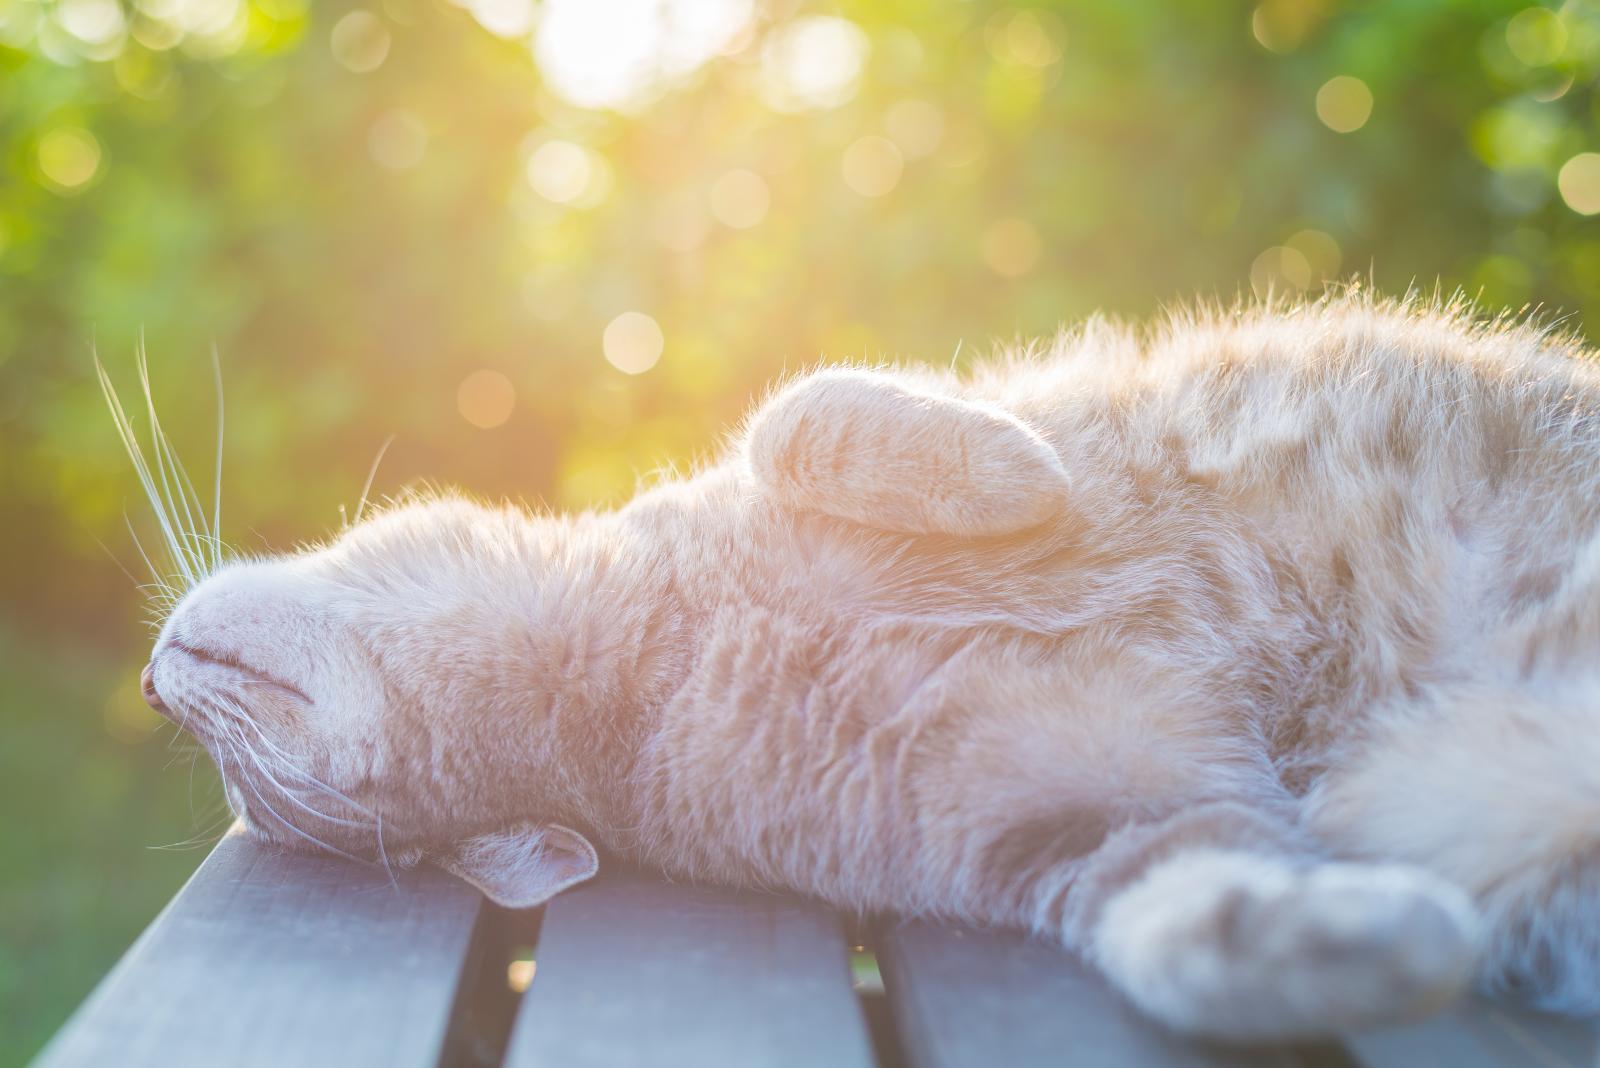 Oui, les chats prennent des coups de soleil !